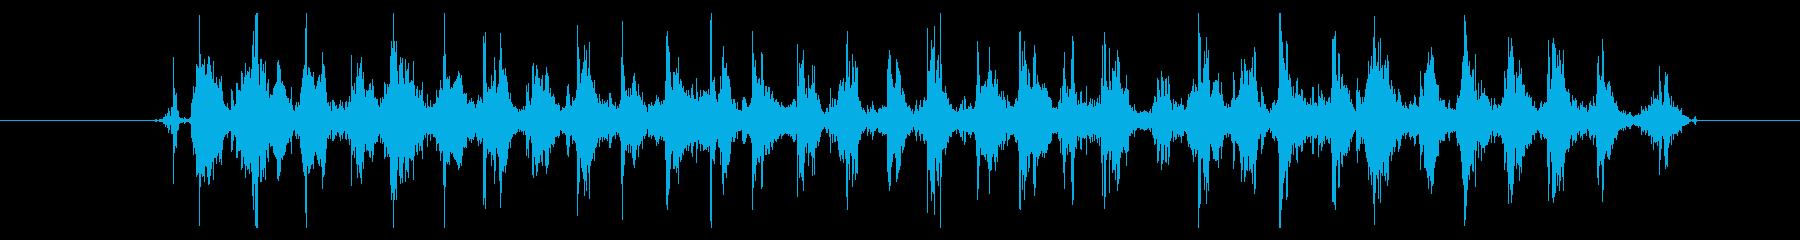 【録音】コインがジャラジャラ混ざる音の再生済みの波形